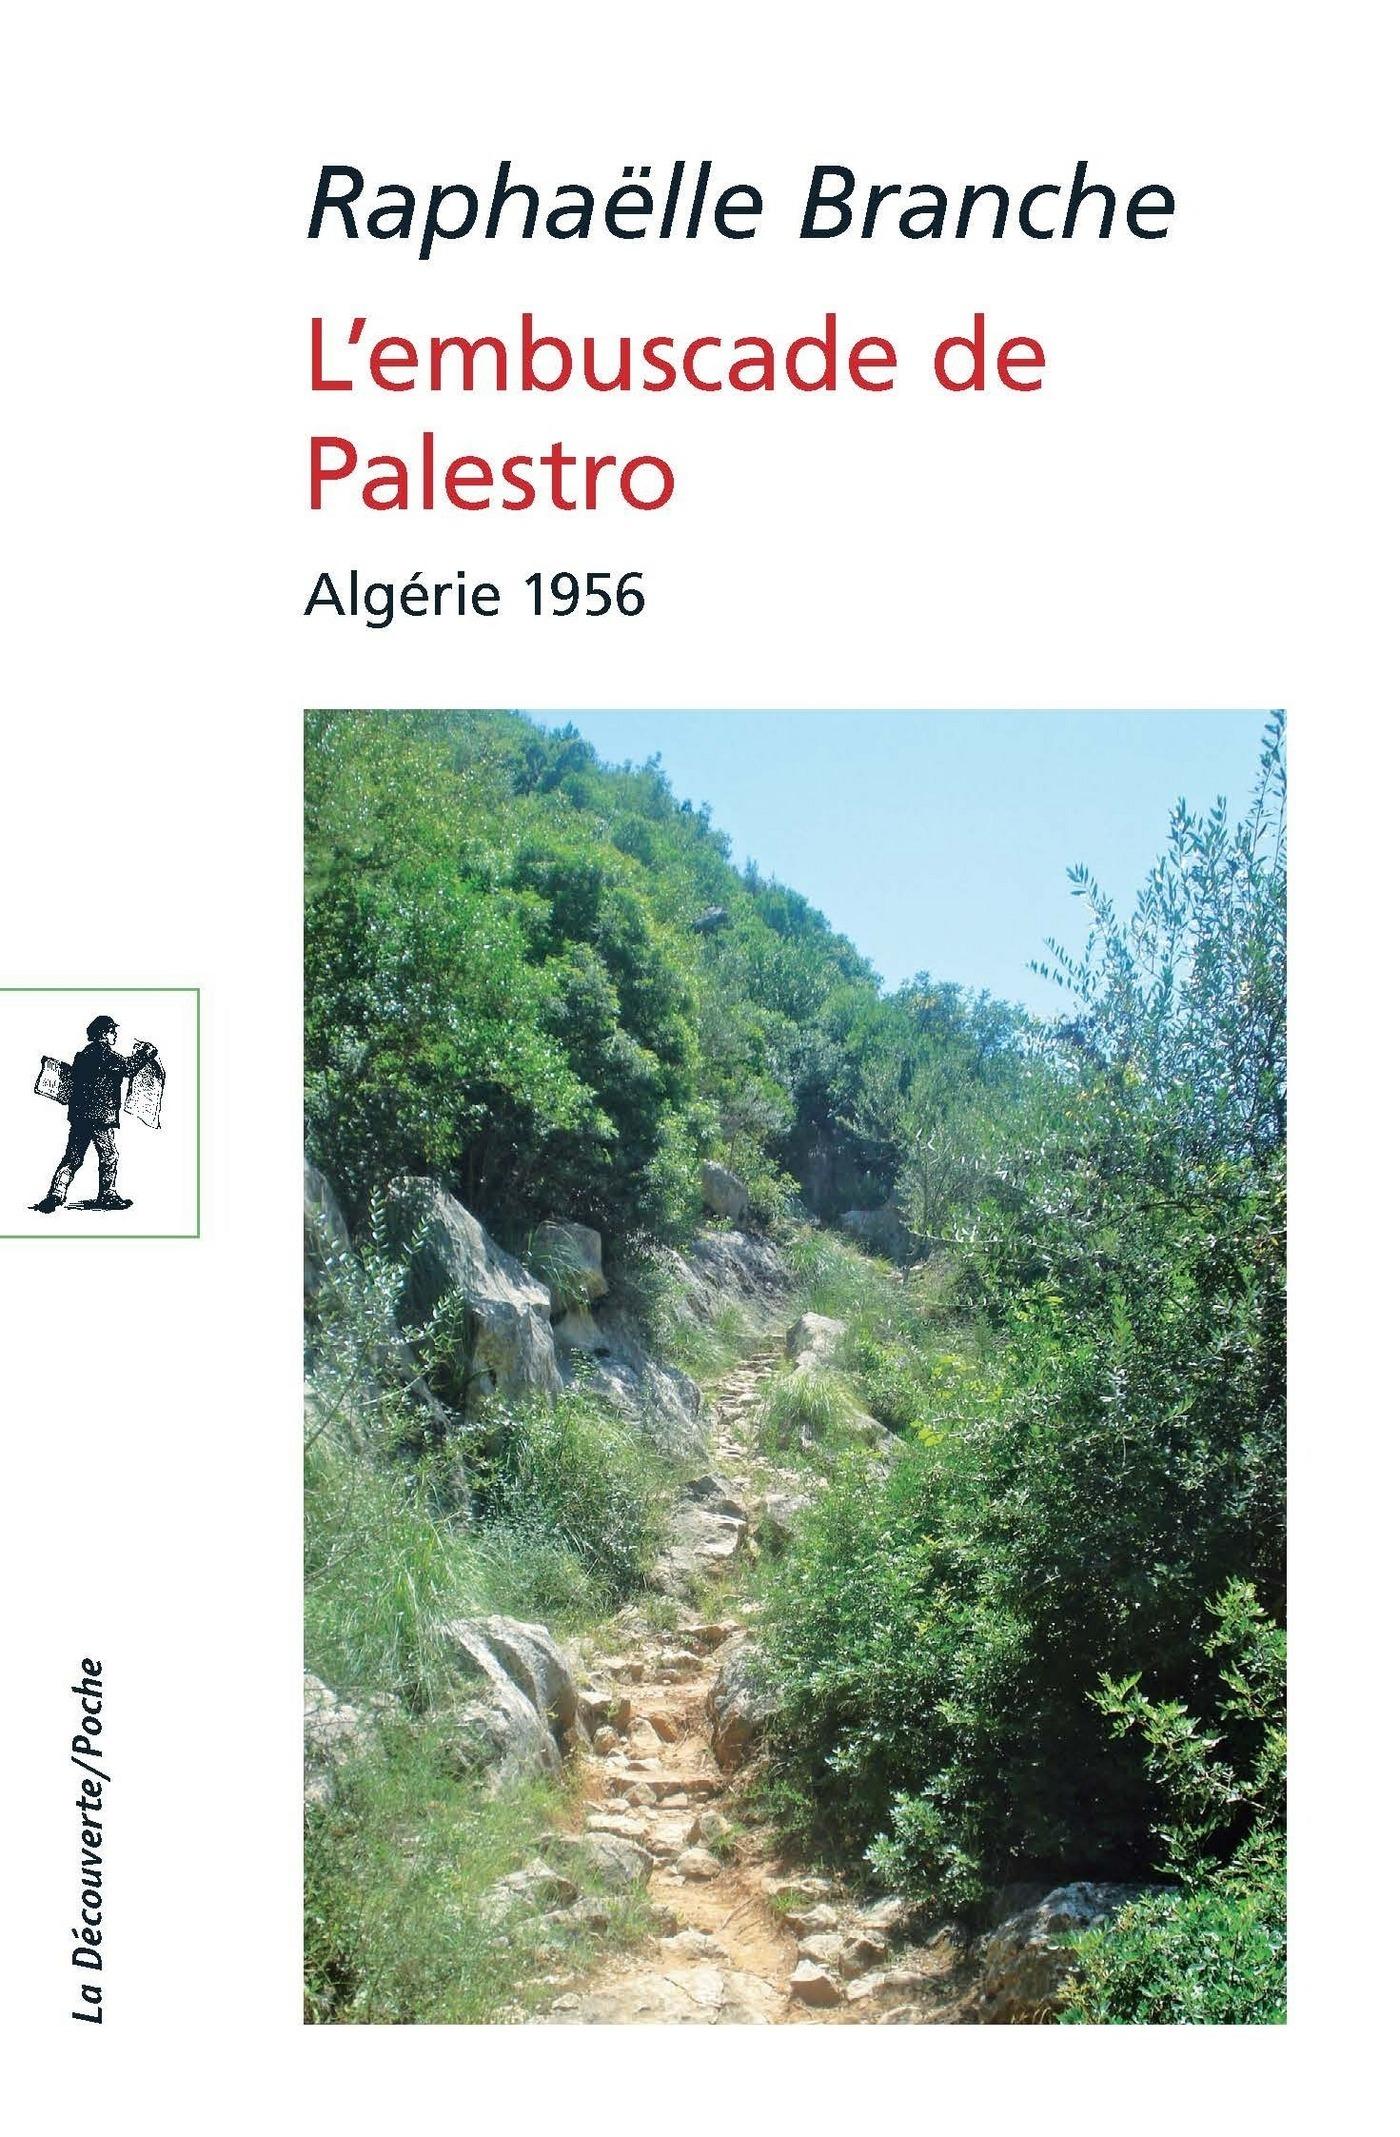 L'embuscade de Palestro, ALGÉRIE 1956